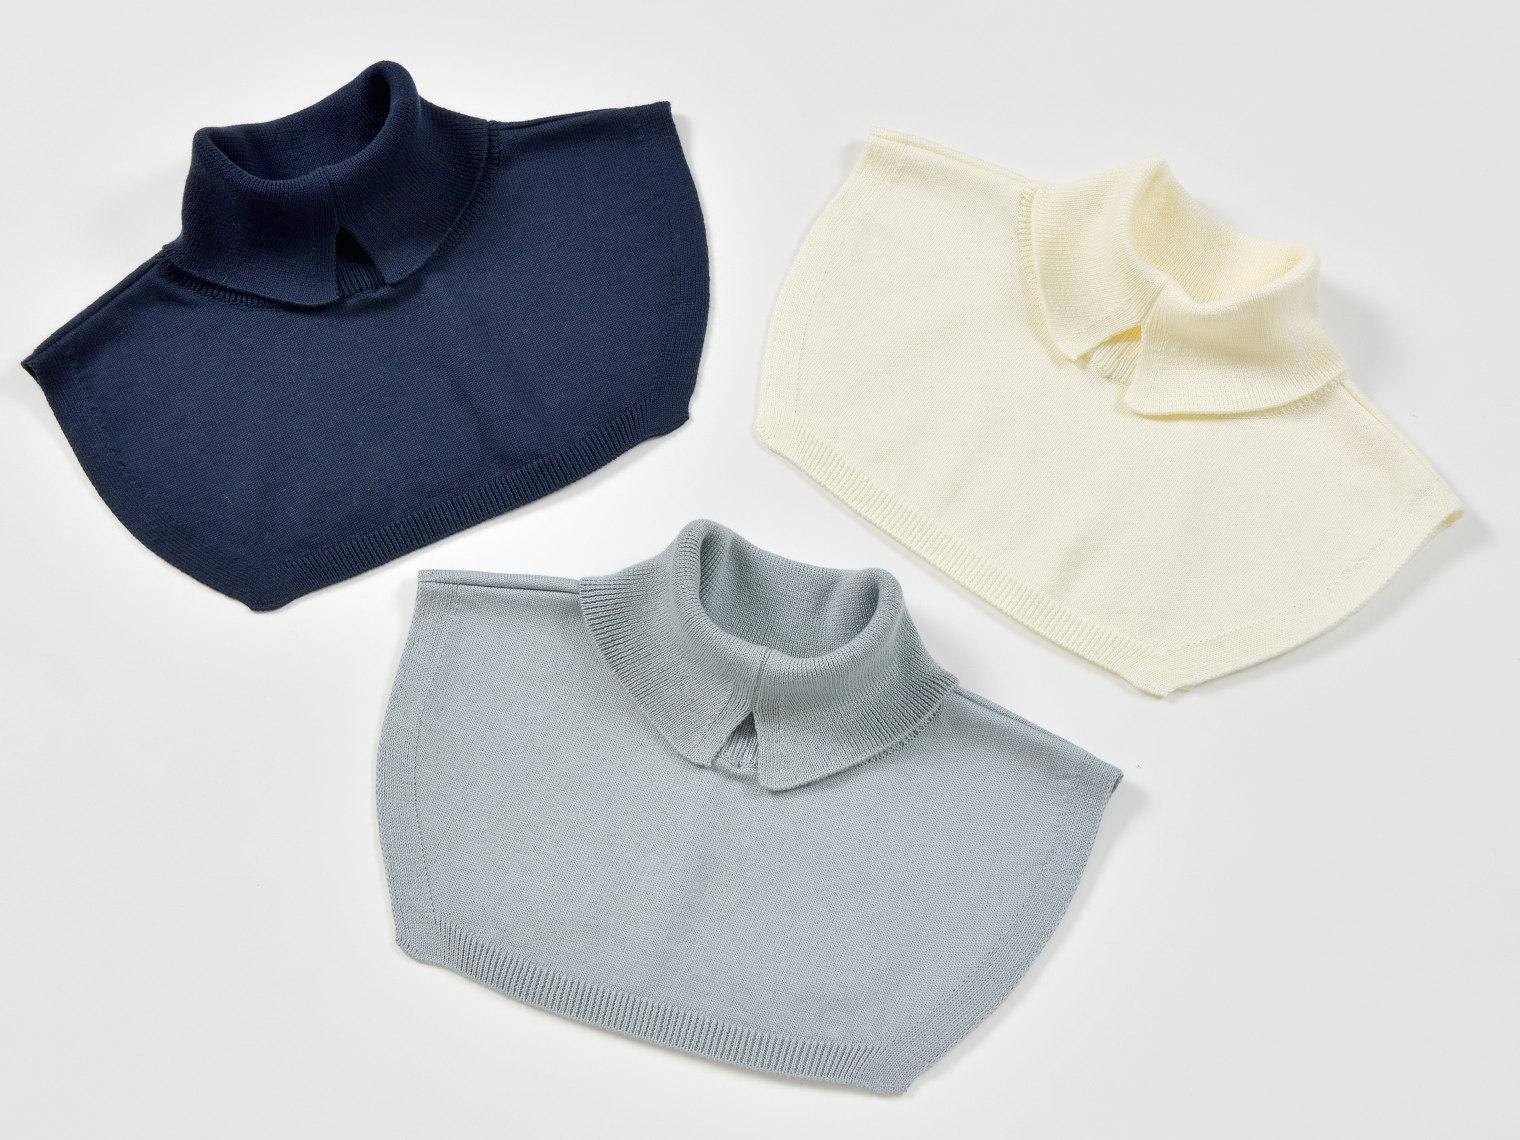 くびをつつむ つけ衿 オーガニックコットン カラー比較